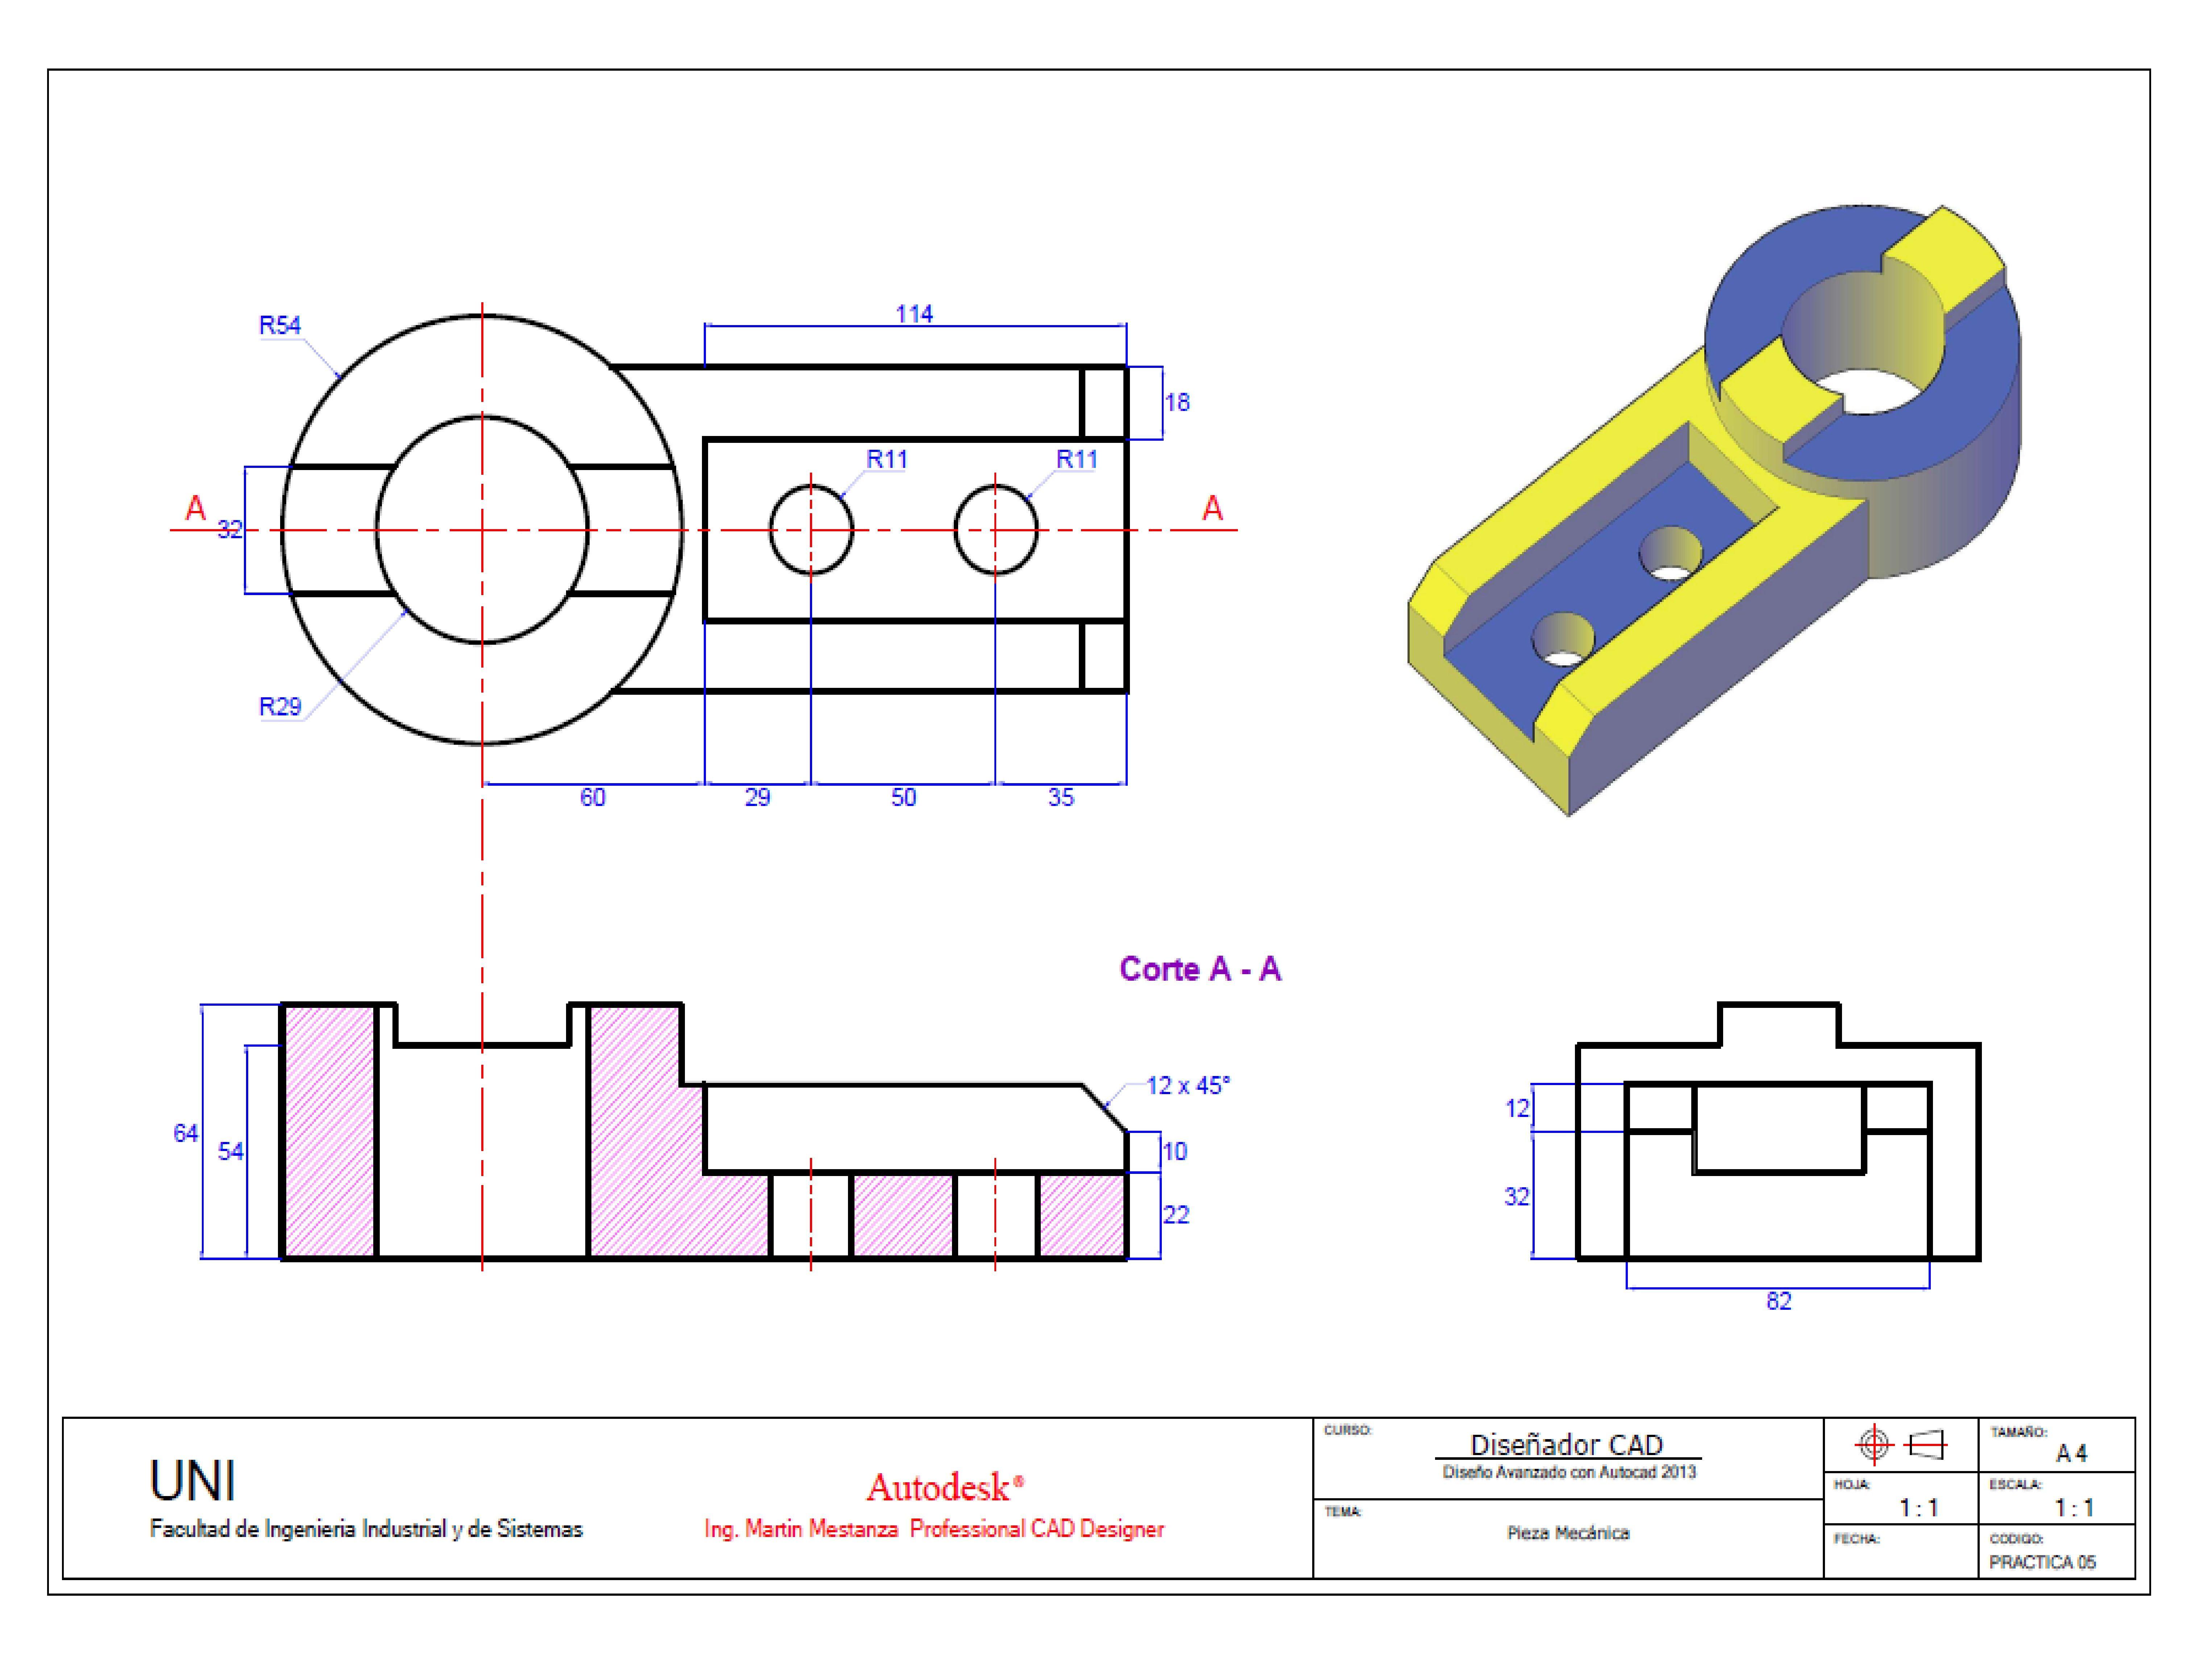 Practica de clase autocad 3d n 5 para el 15 de diciembre for Habitacion 3d autocad